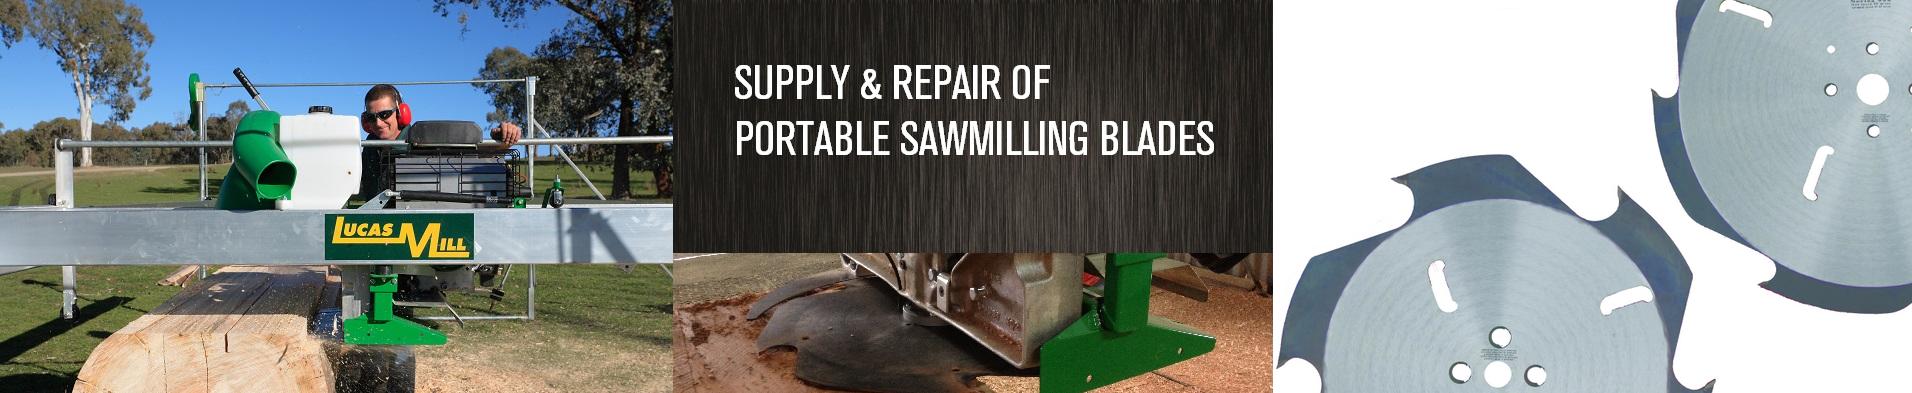 Lucas Mill - Portable Sawmill Repair